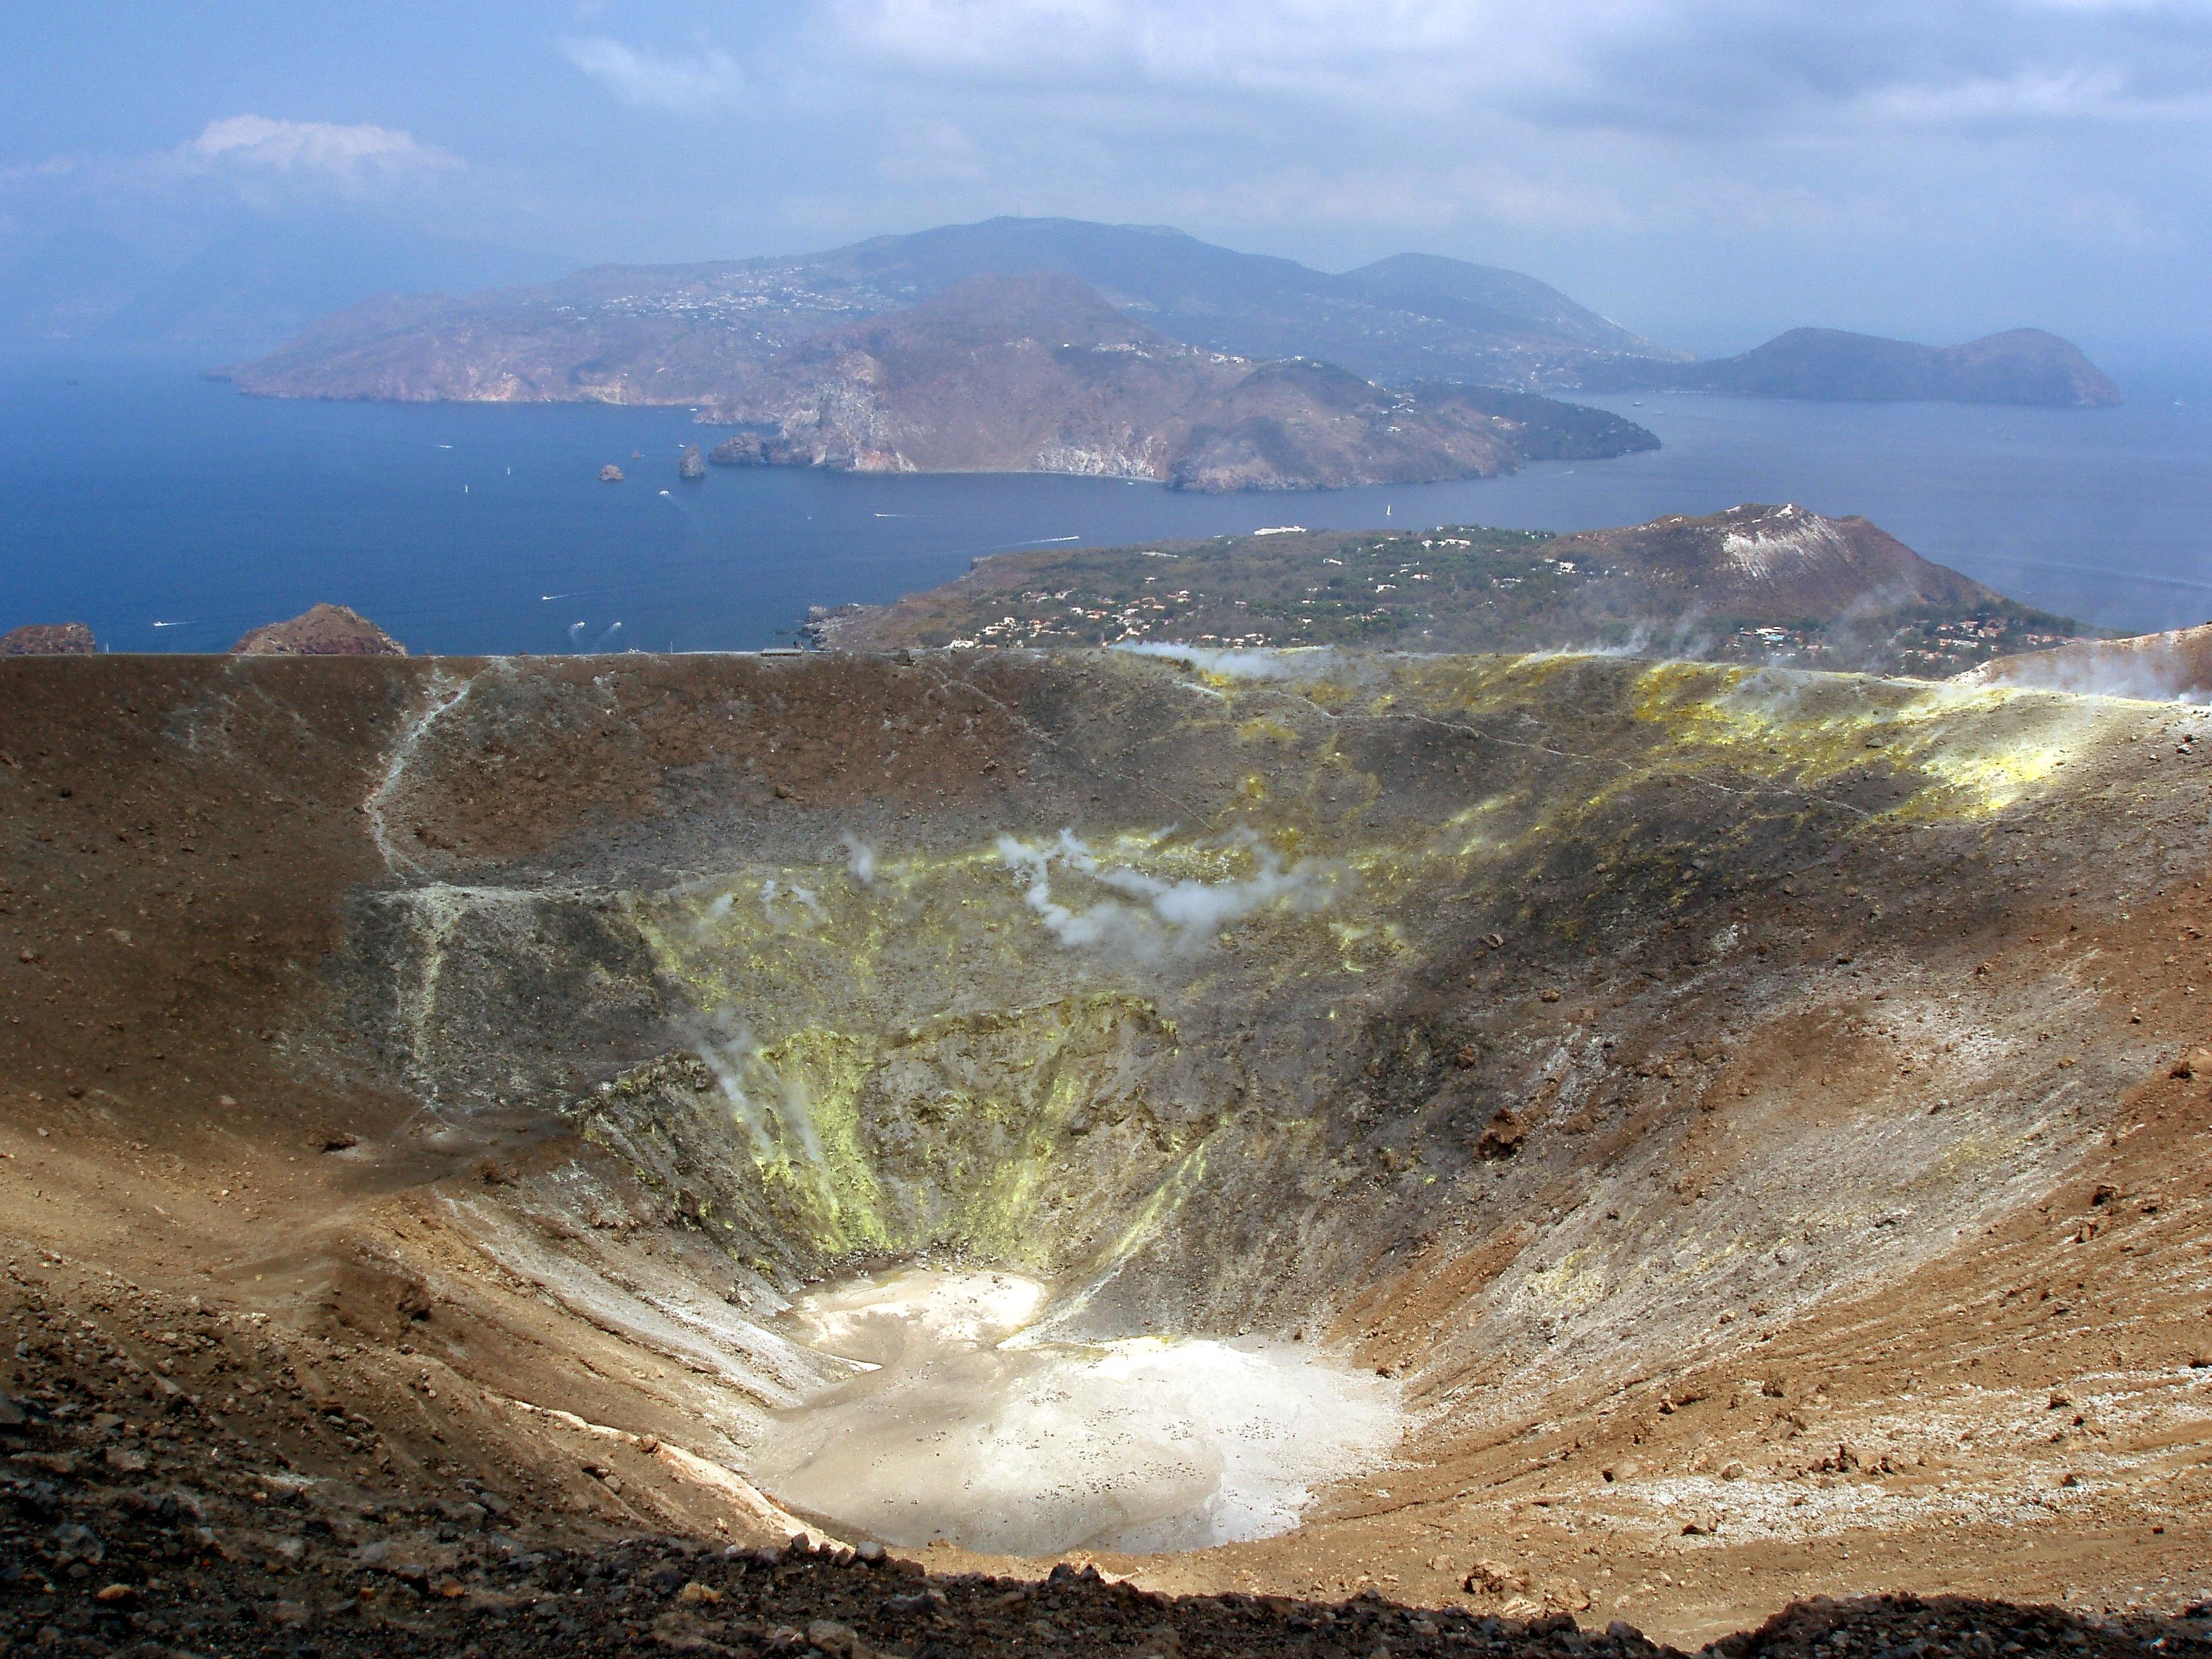 Vulcano: Fossa della Fucina